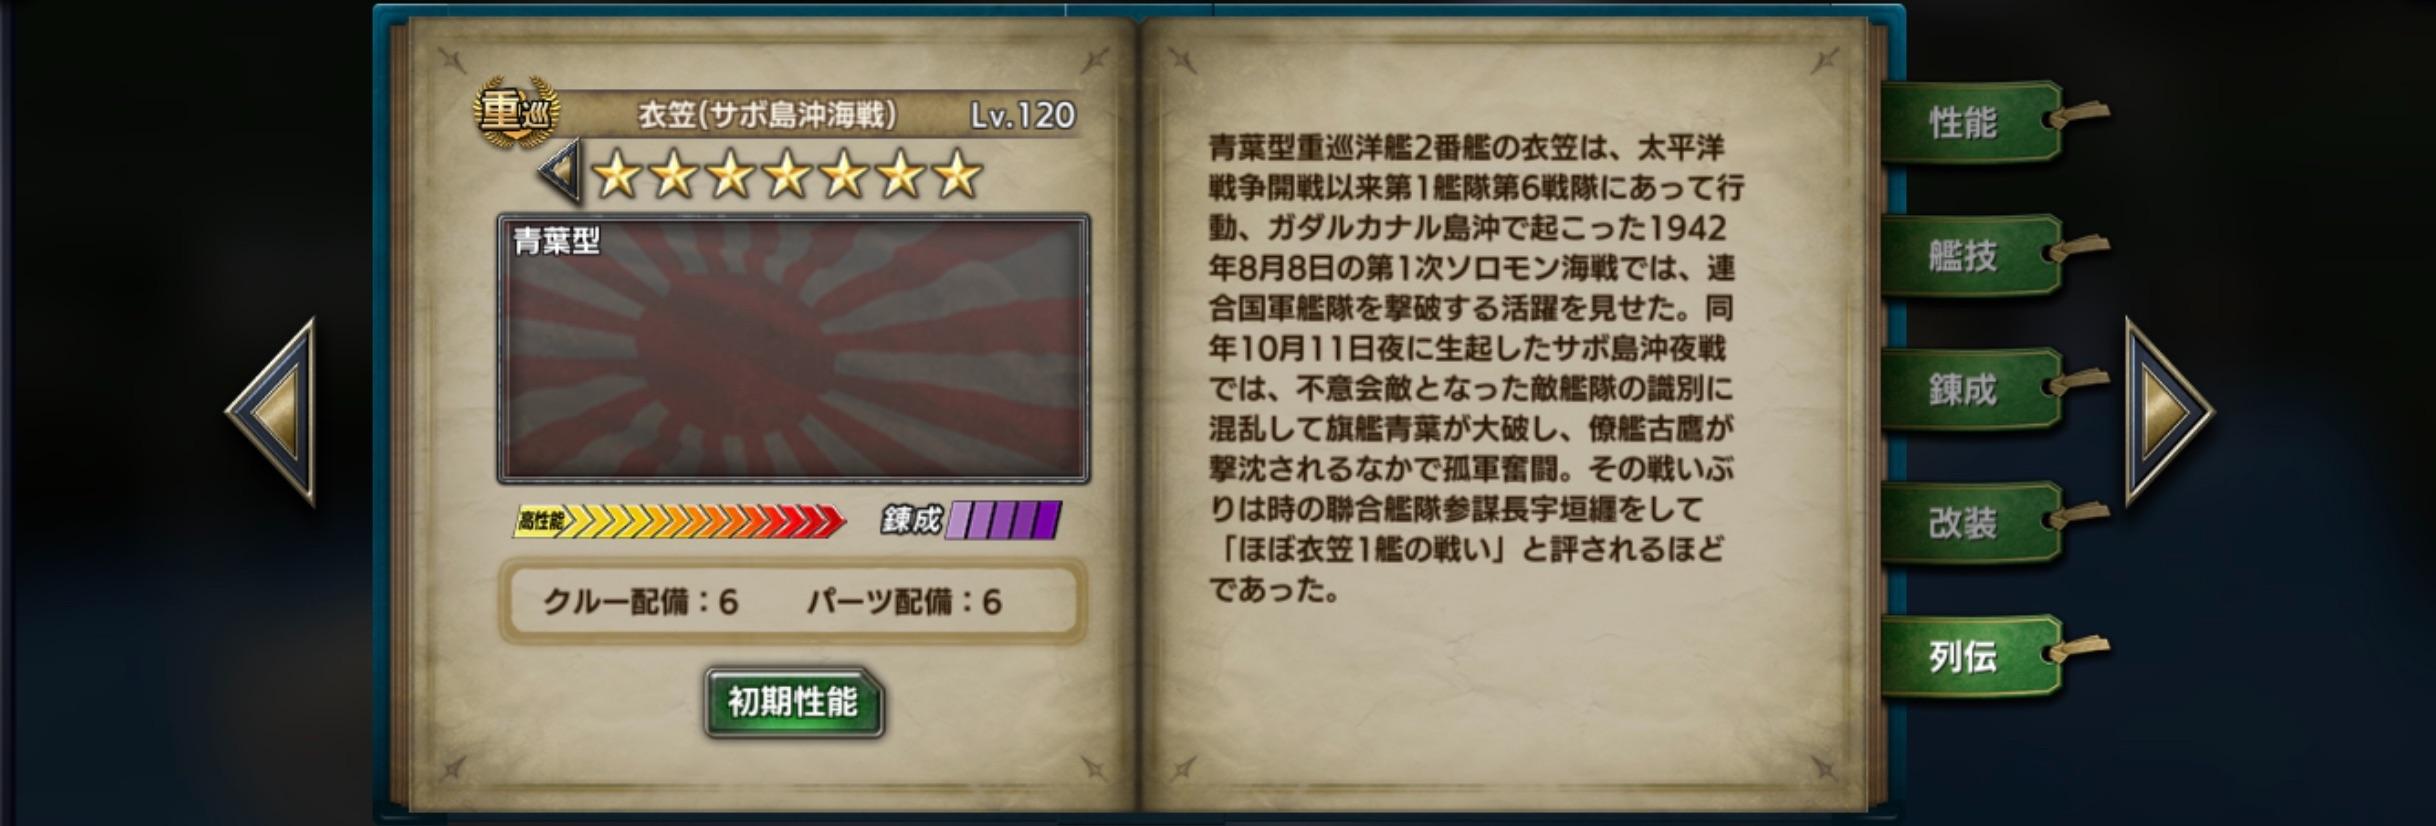 IkasaS-history